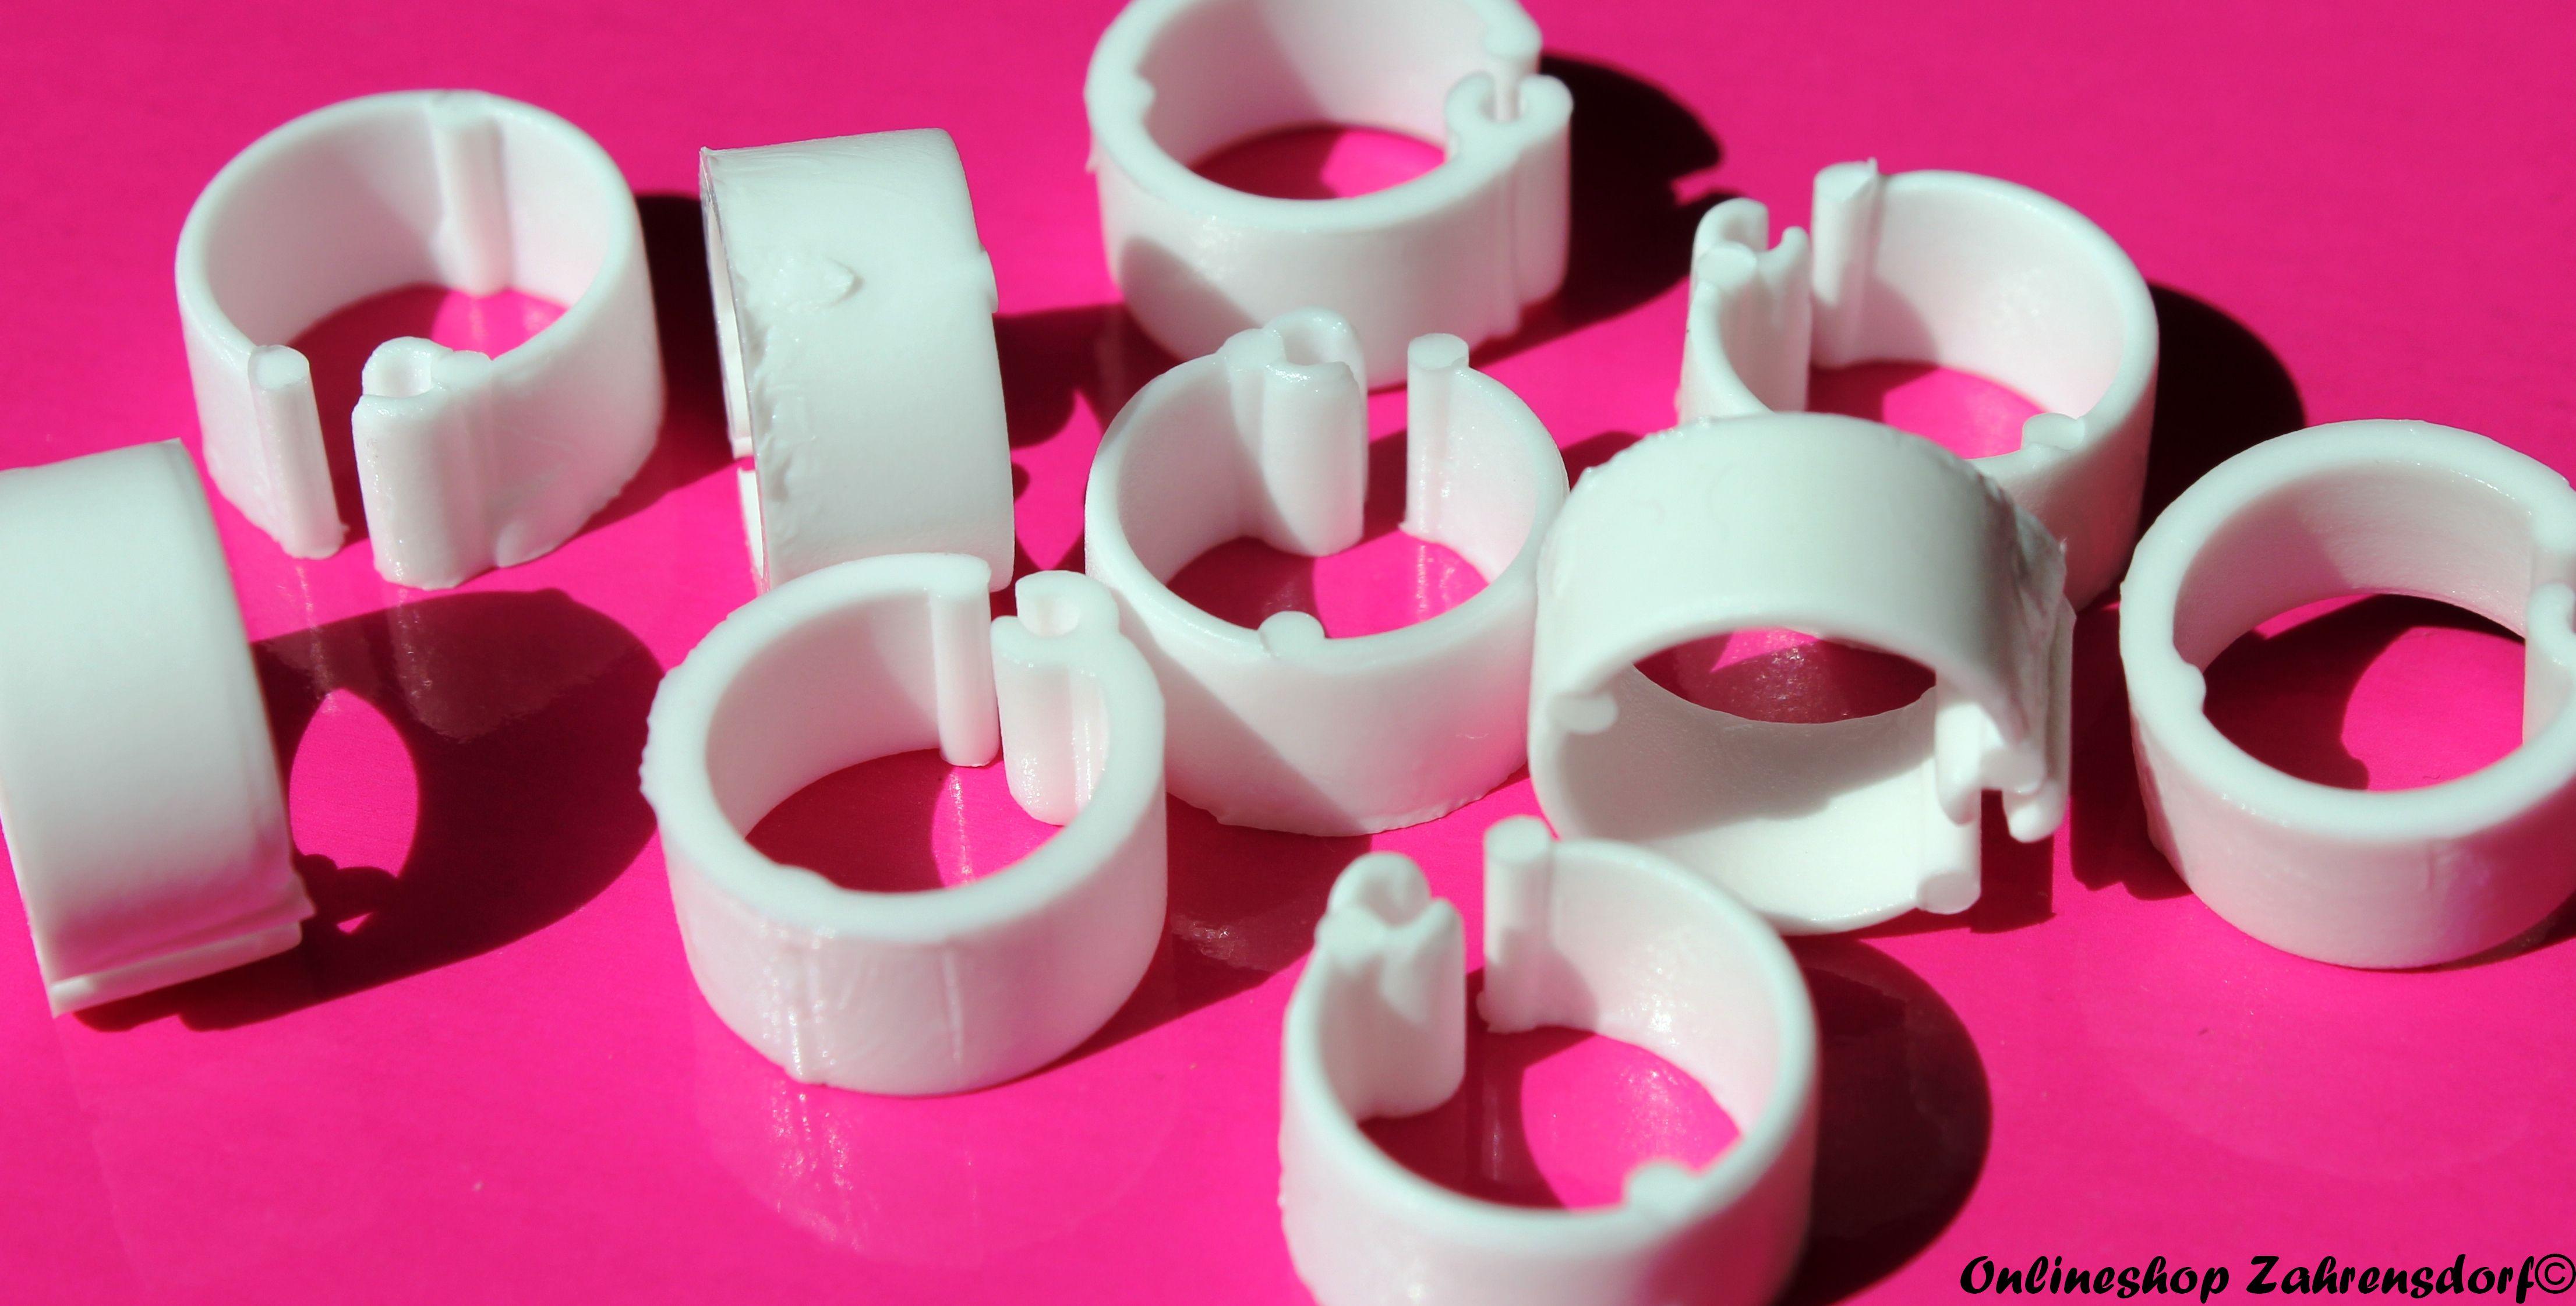 Clipsringe weiß 10 mm 10 Stück